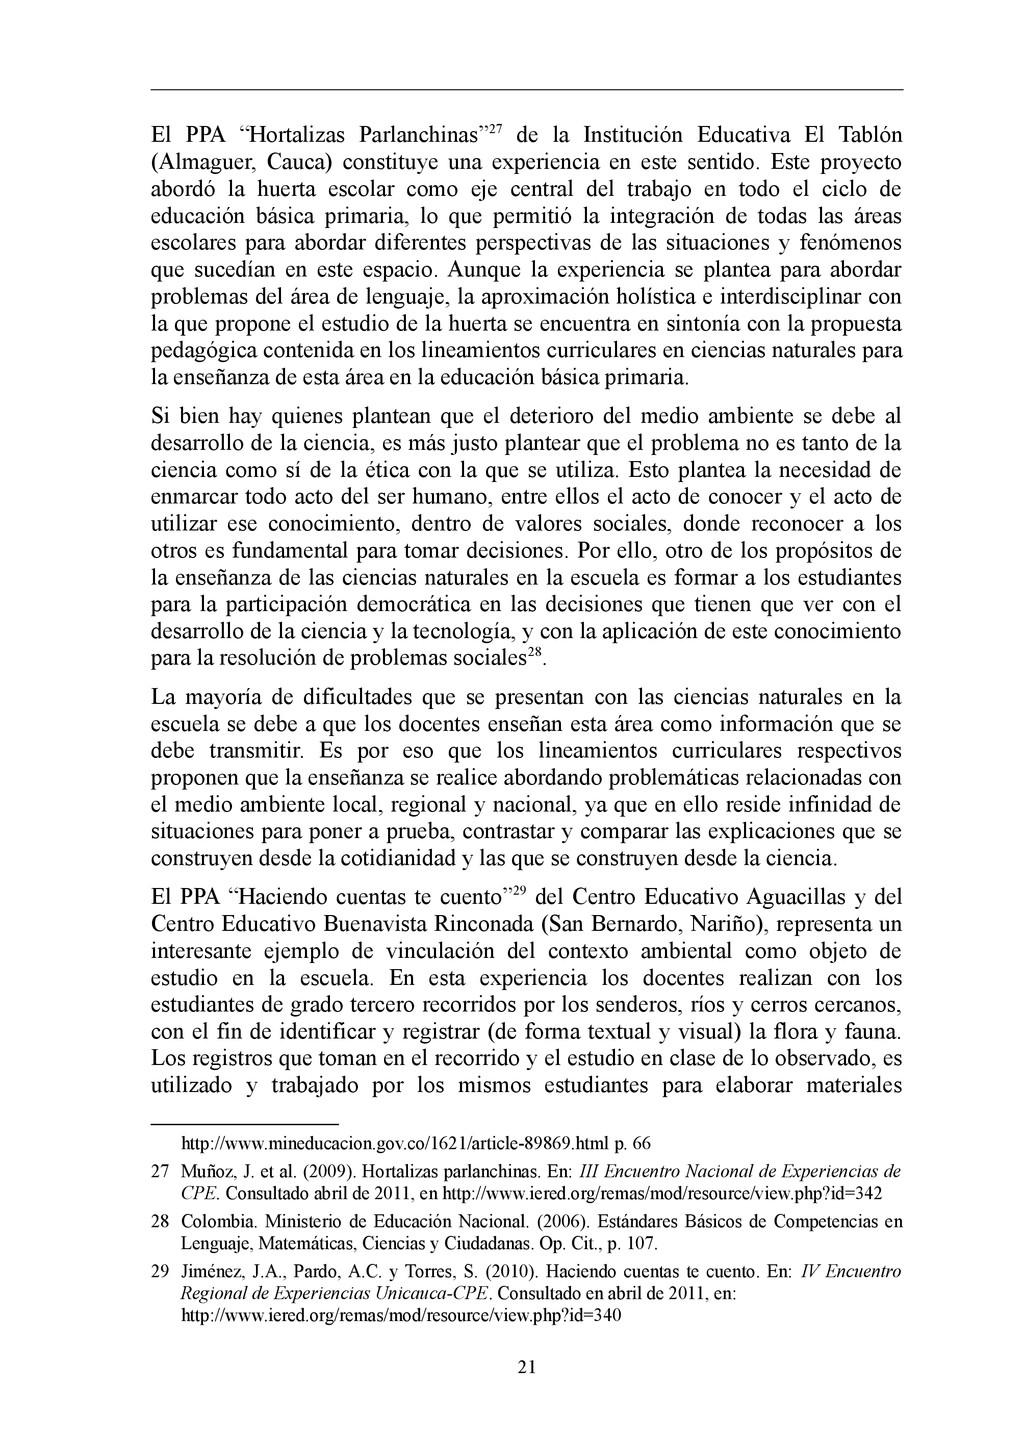 """El PPA """"Hortalizas Parlanchinas""""27 de la Instit..."""